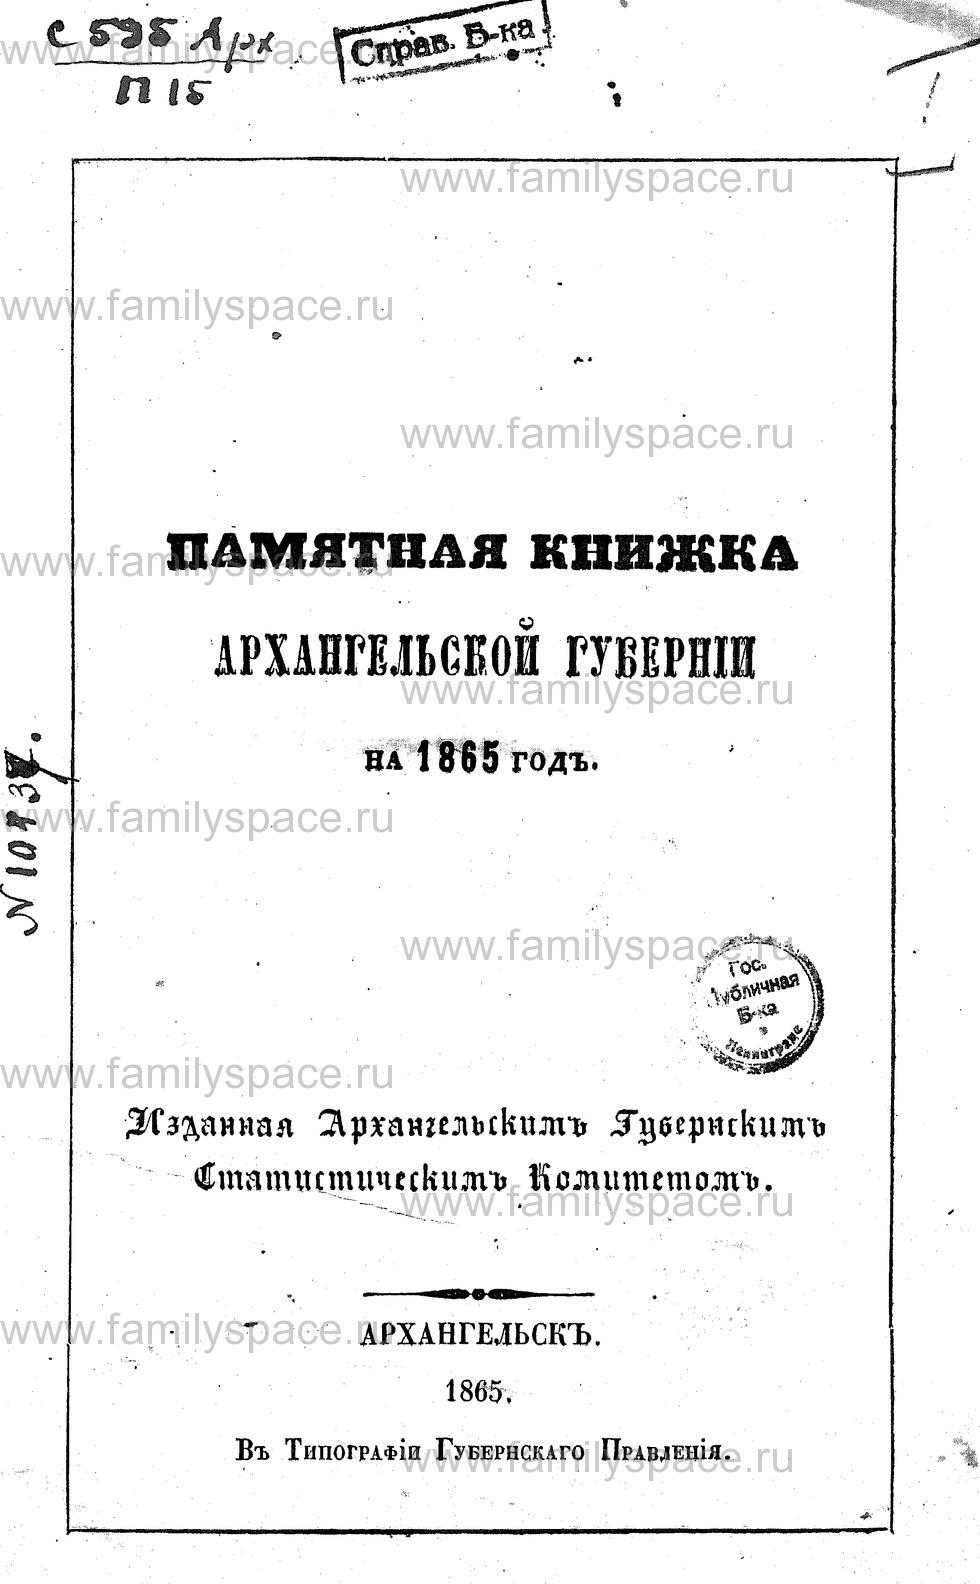 Поиск по фамилии - Памятная книжка Архангельской губернии на 1865 г, страница 1